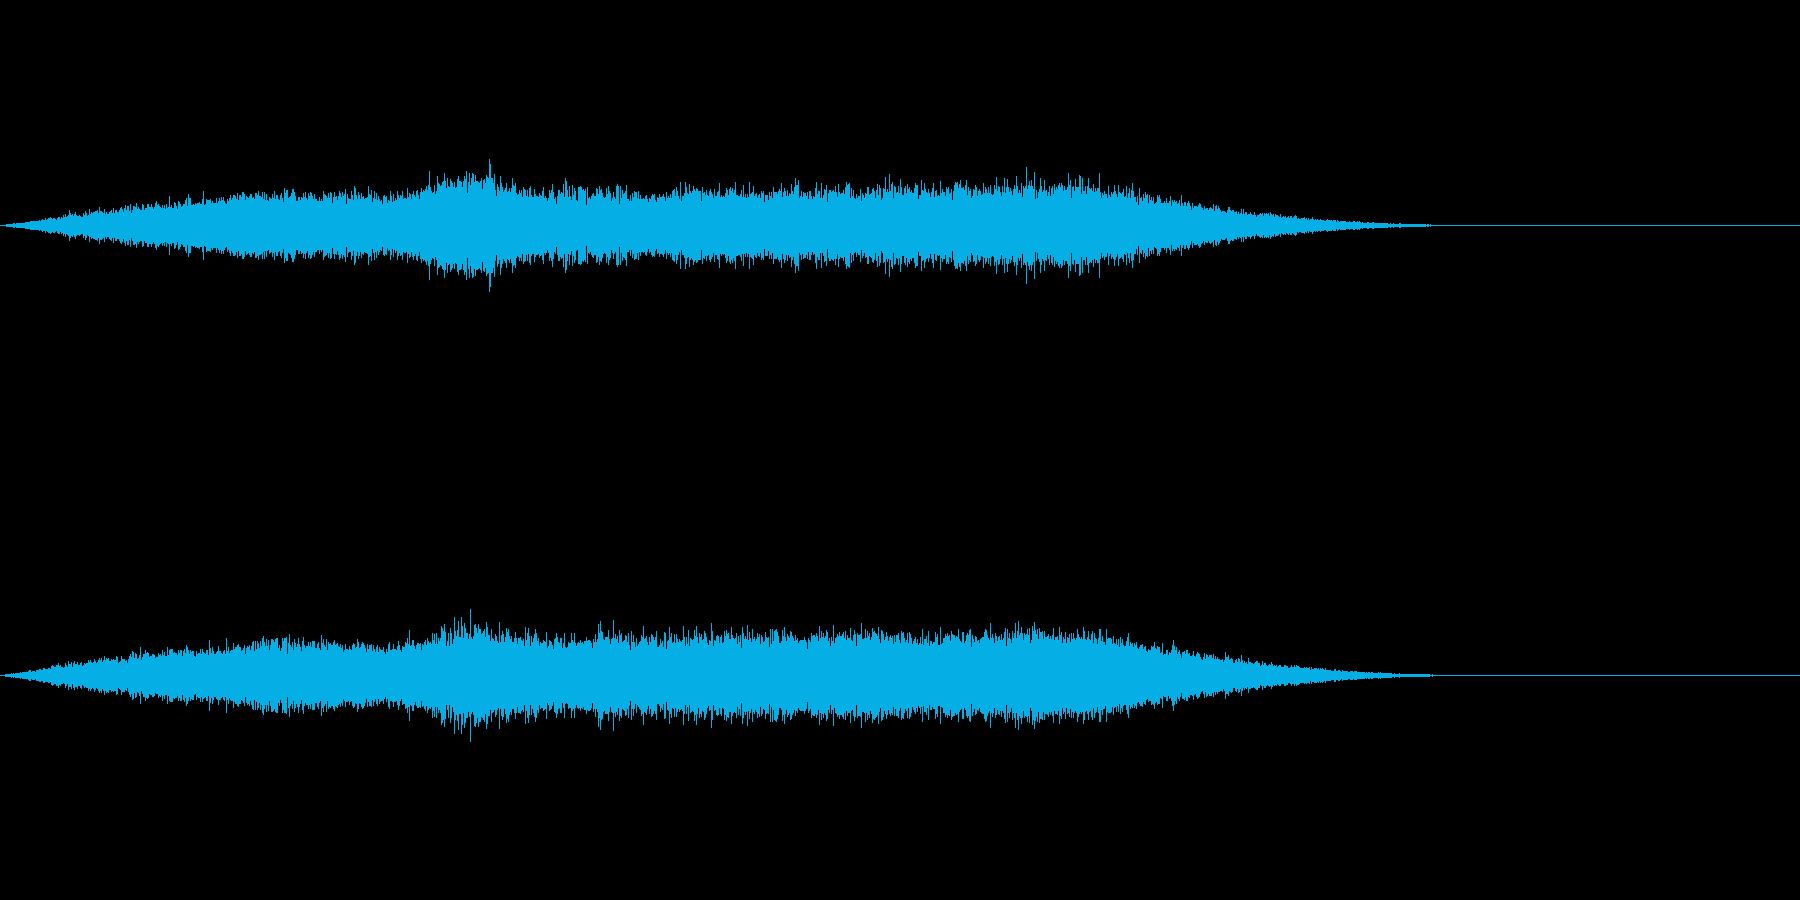 ワァーキャー!コンサートライブの歓声10の再生済みの波形